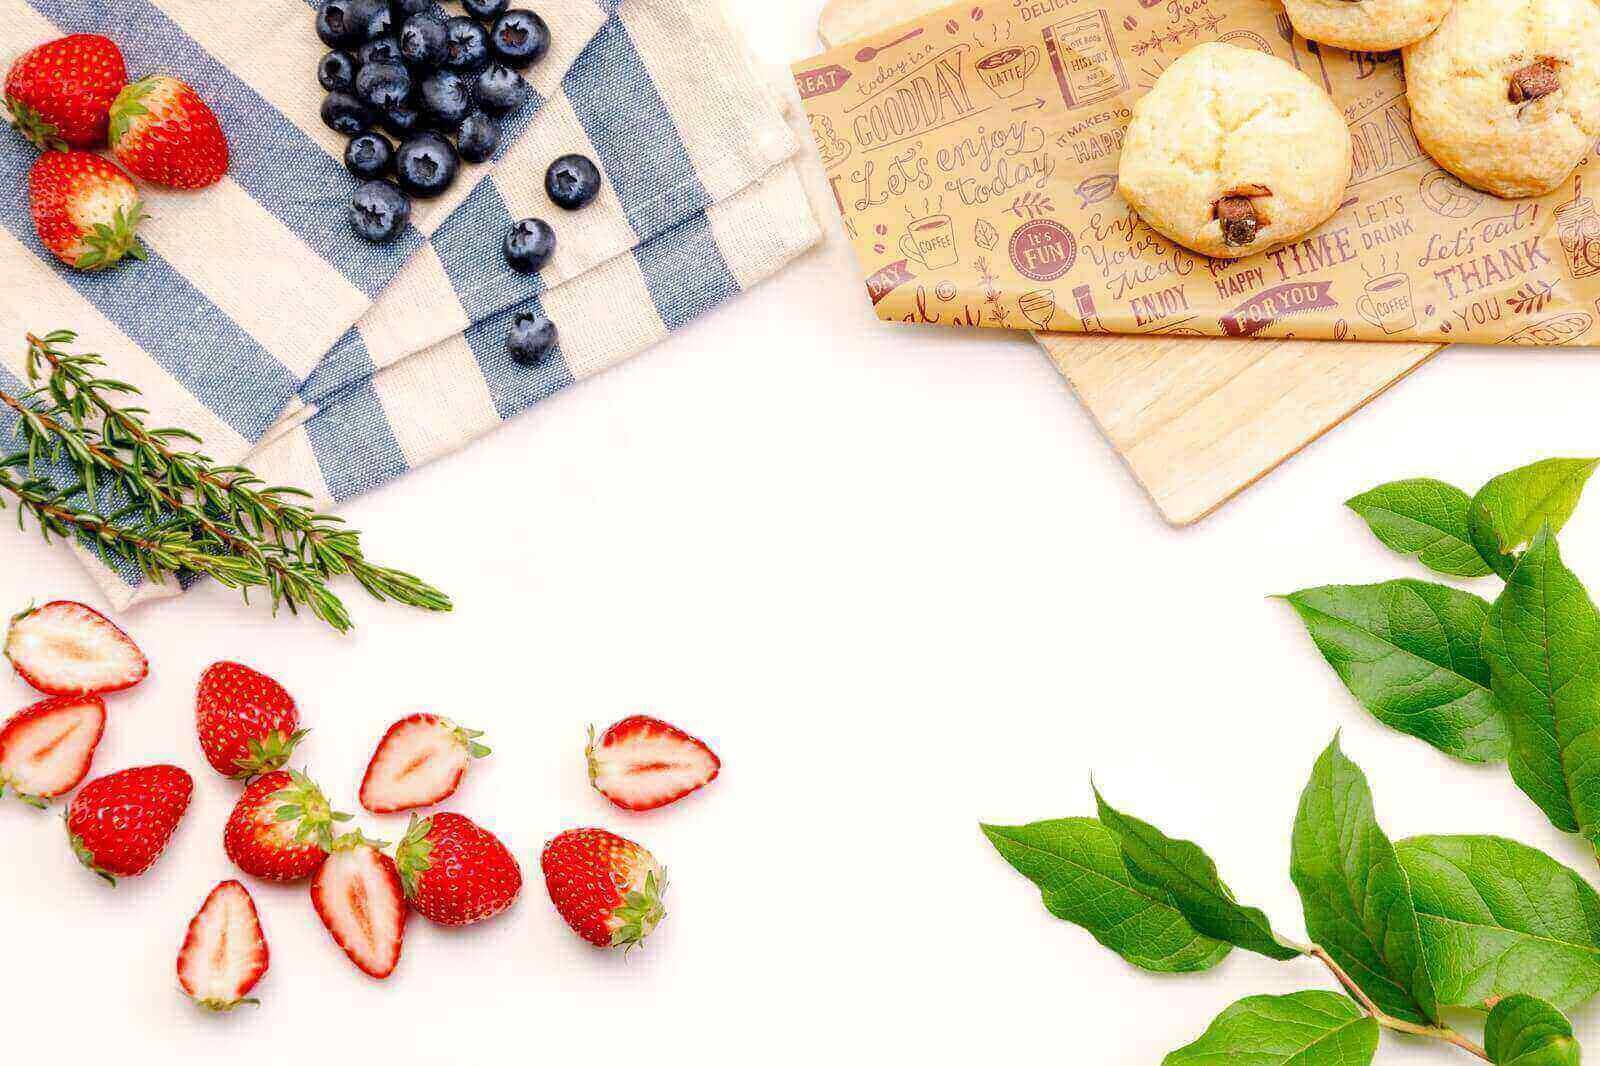 テーブルの上に置かれたクロスとフルーツと葉っぱ